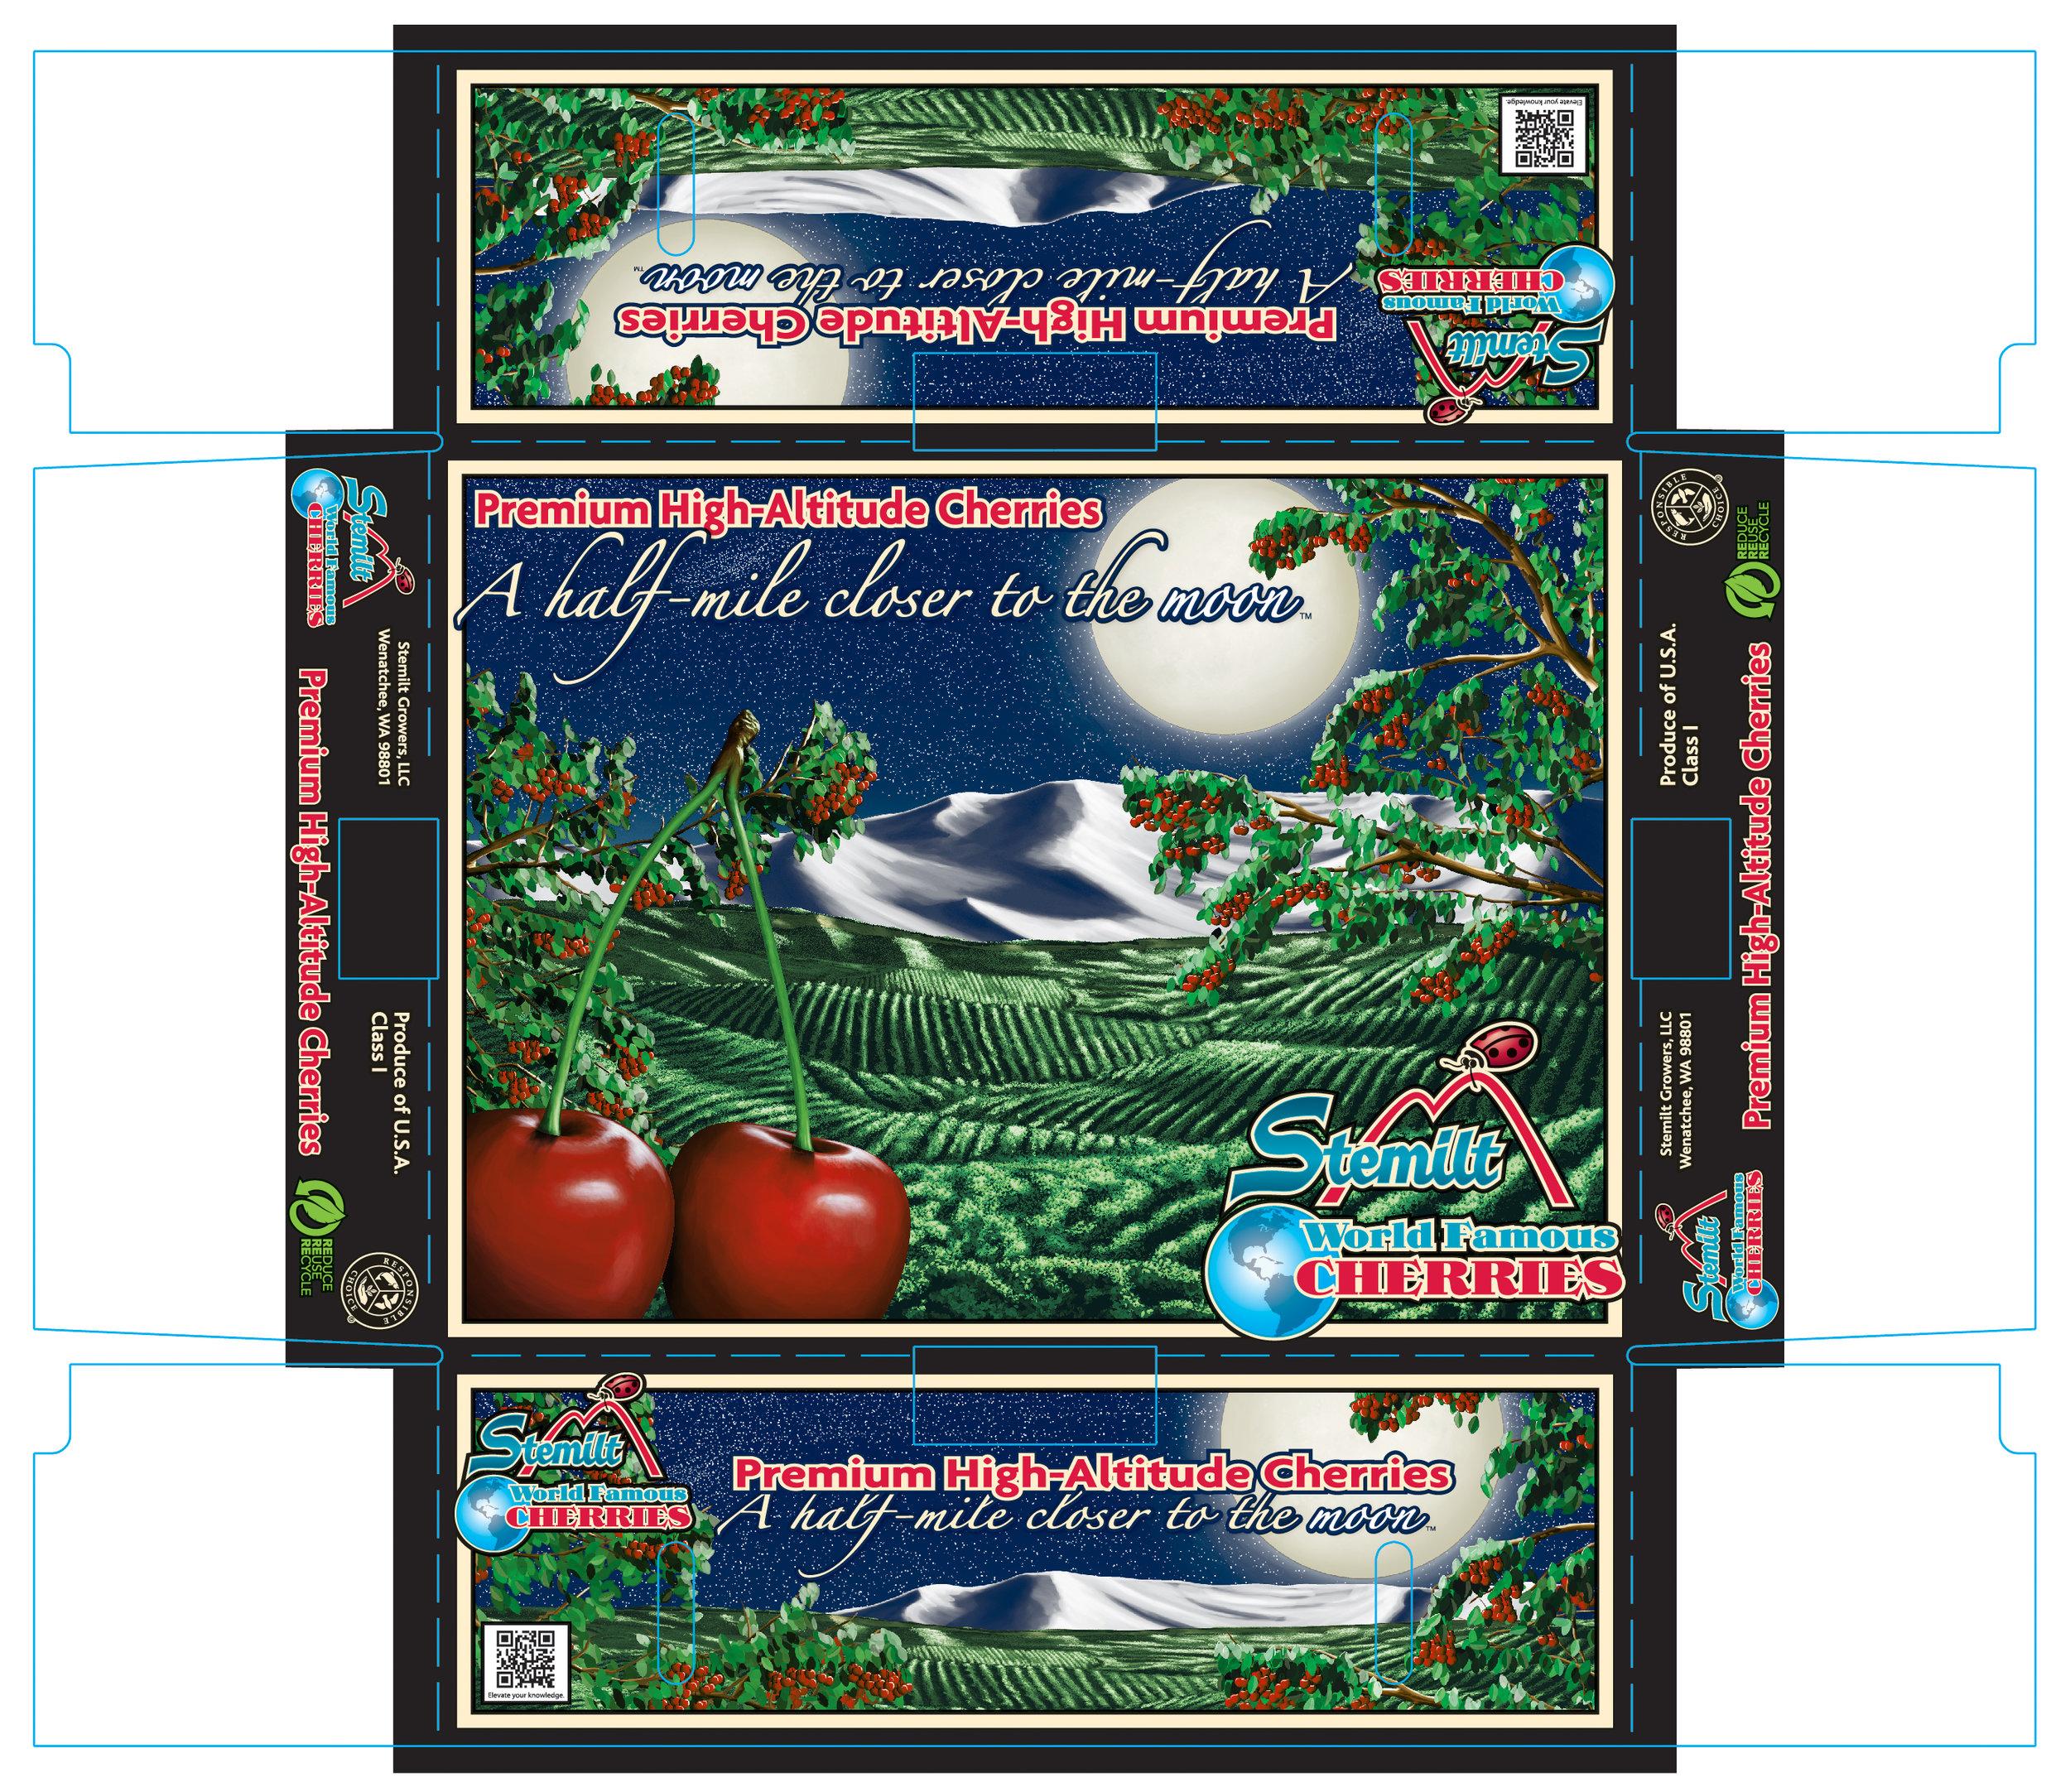 320688_Stemilt Cherries.jpg